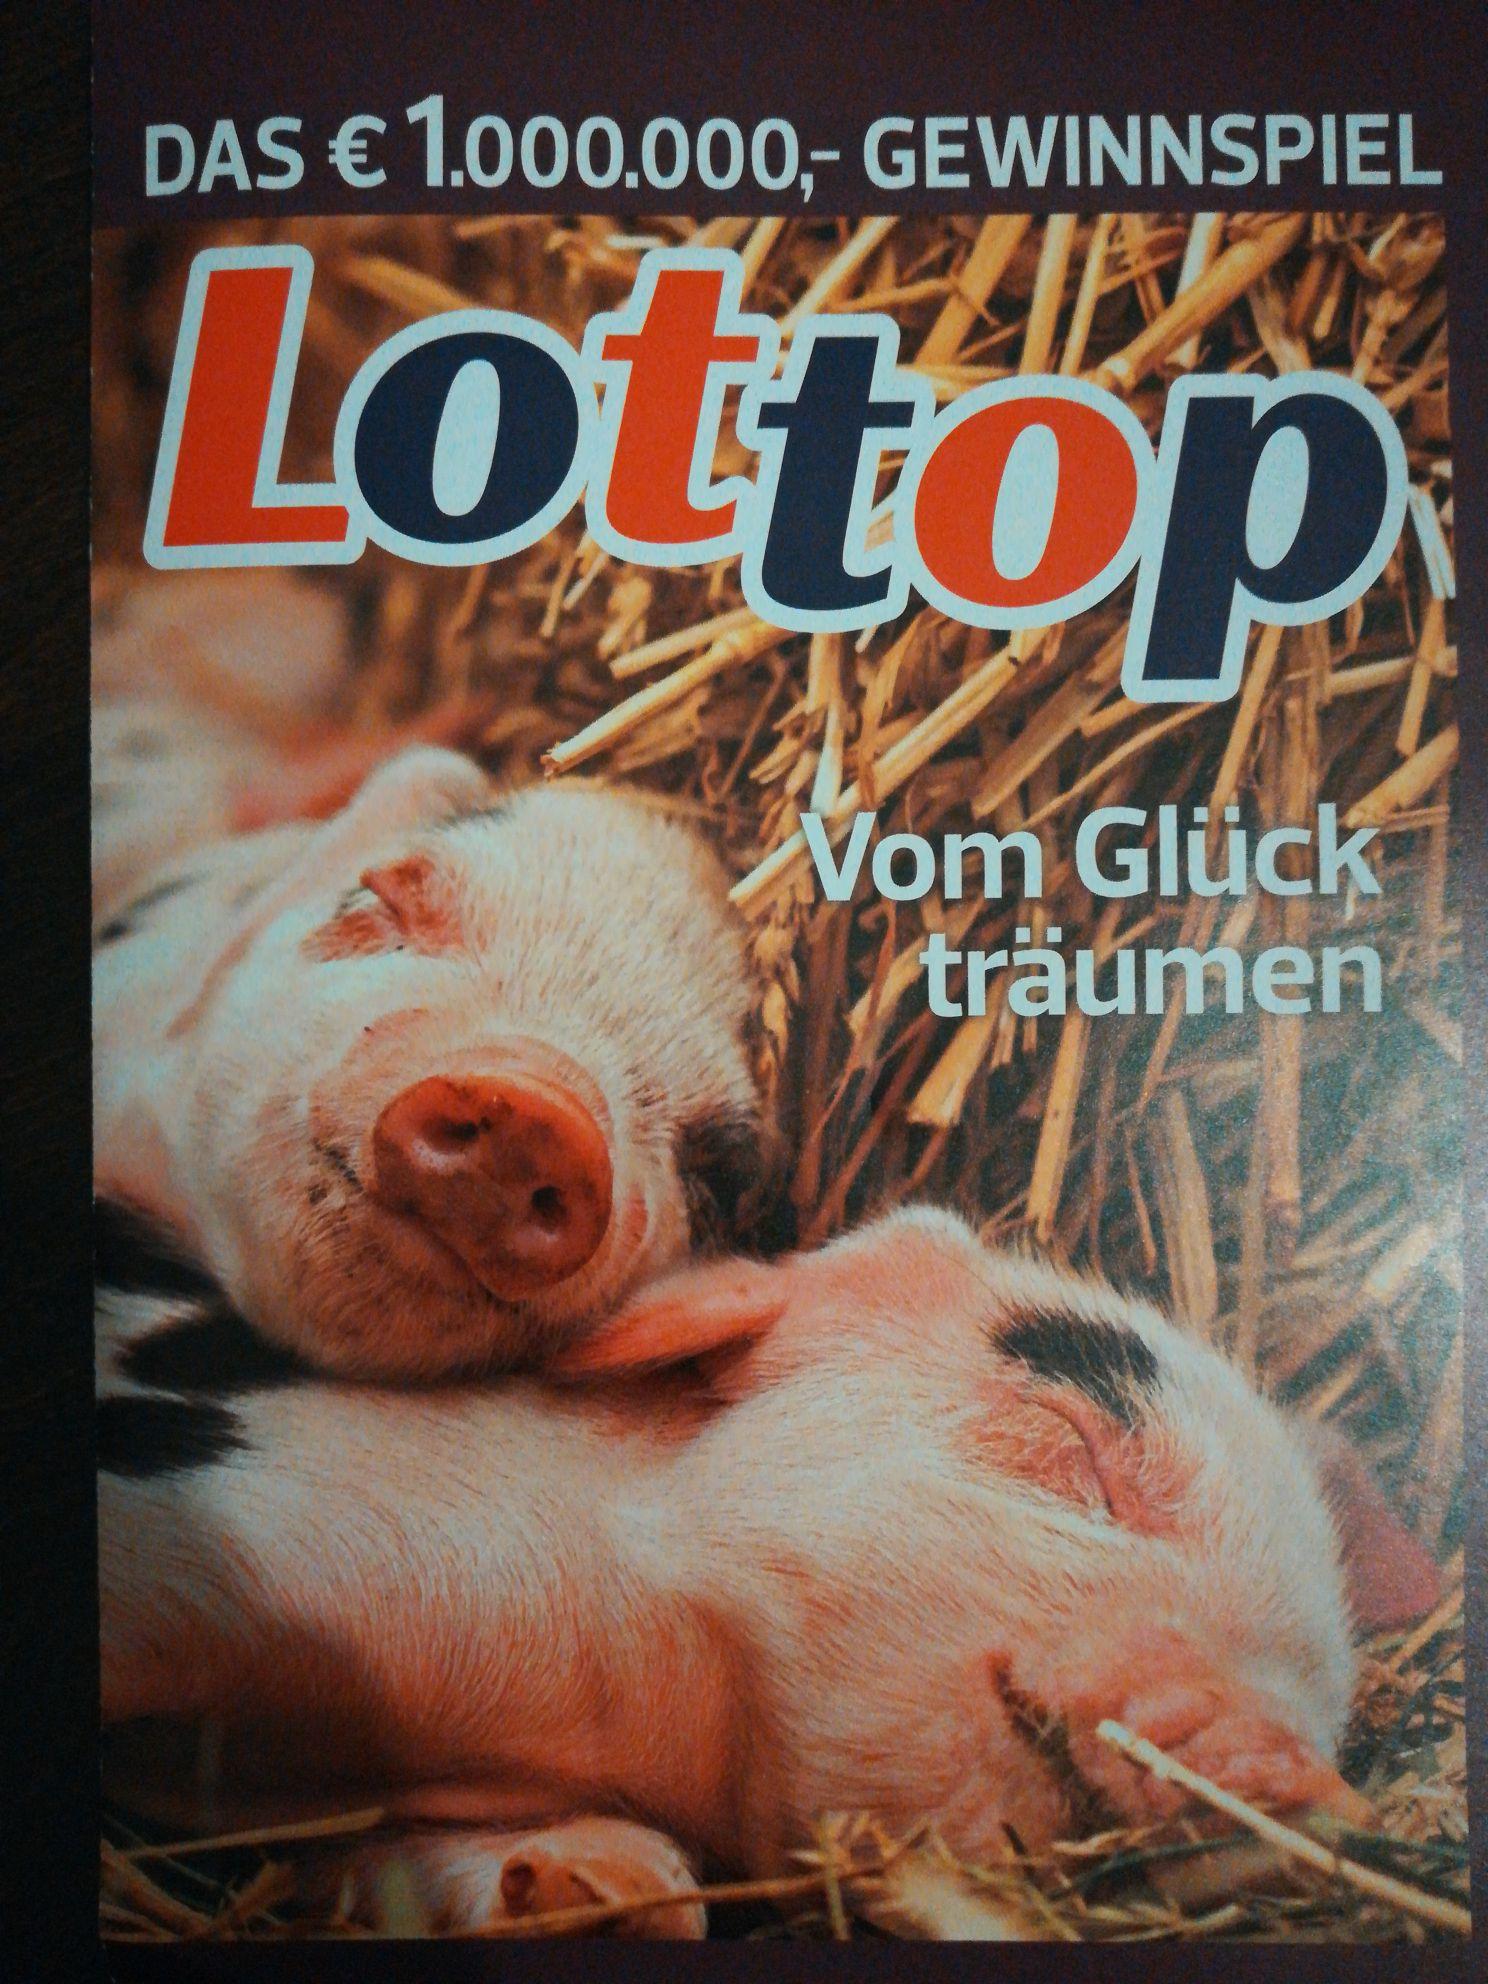 Lottop Gewinnchance ohne Abo aus der *die ganze Woche* Zeitschrift